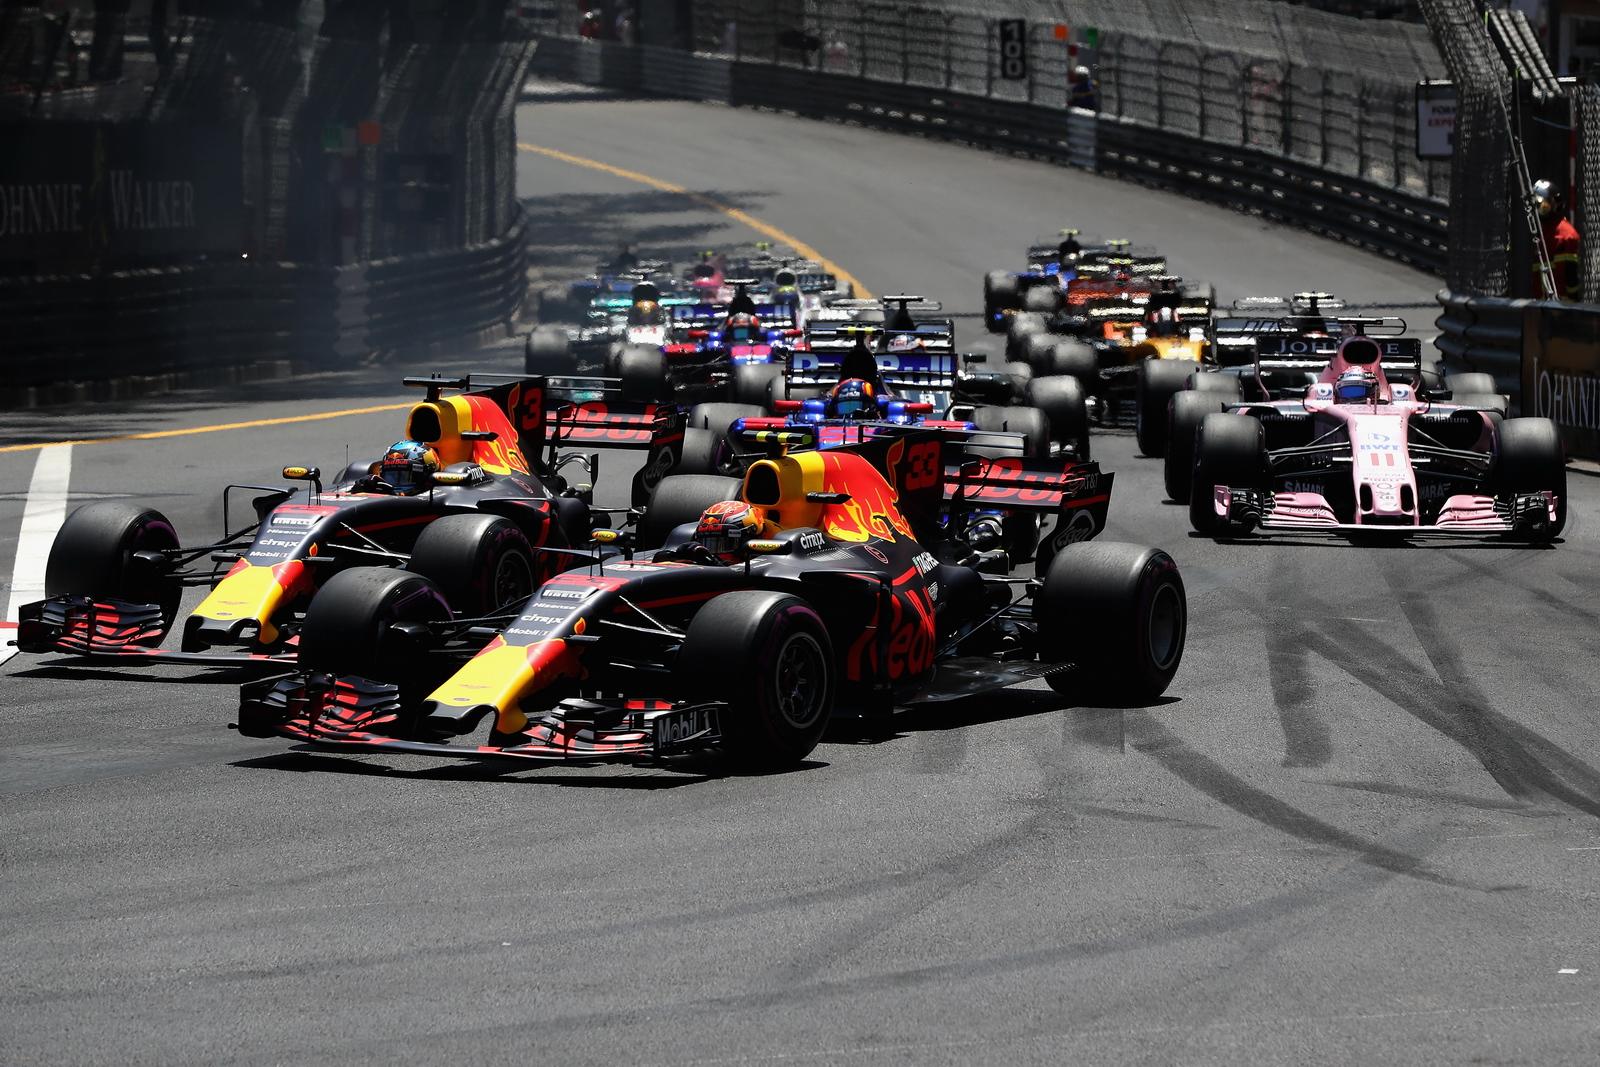 F1 - 2019-TŐL 21-NÉL IS TÖBB FUTAMOT RENDEZHETNEK EGY SZEZONBAN!